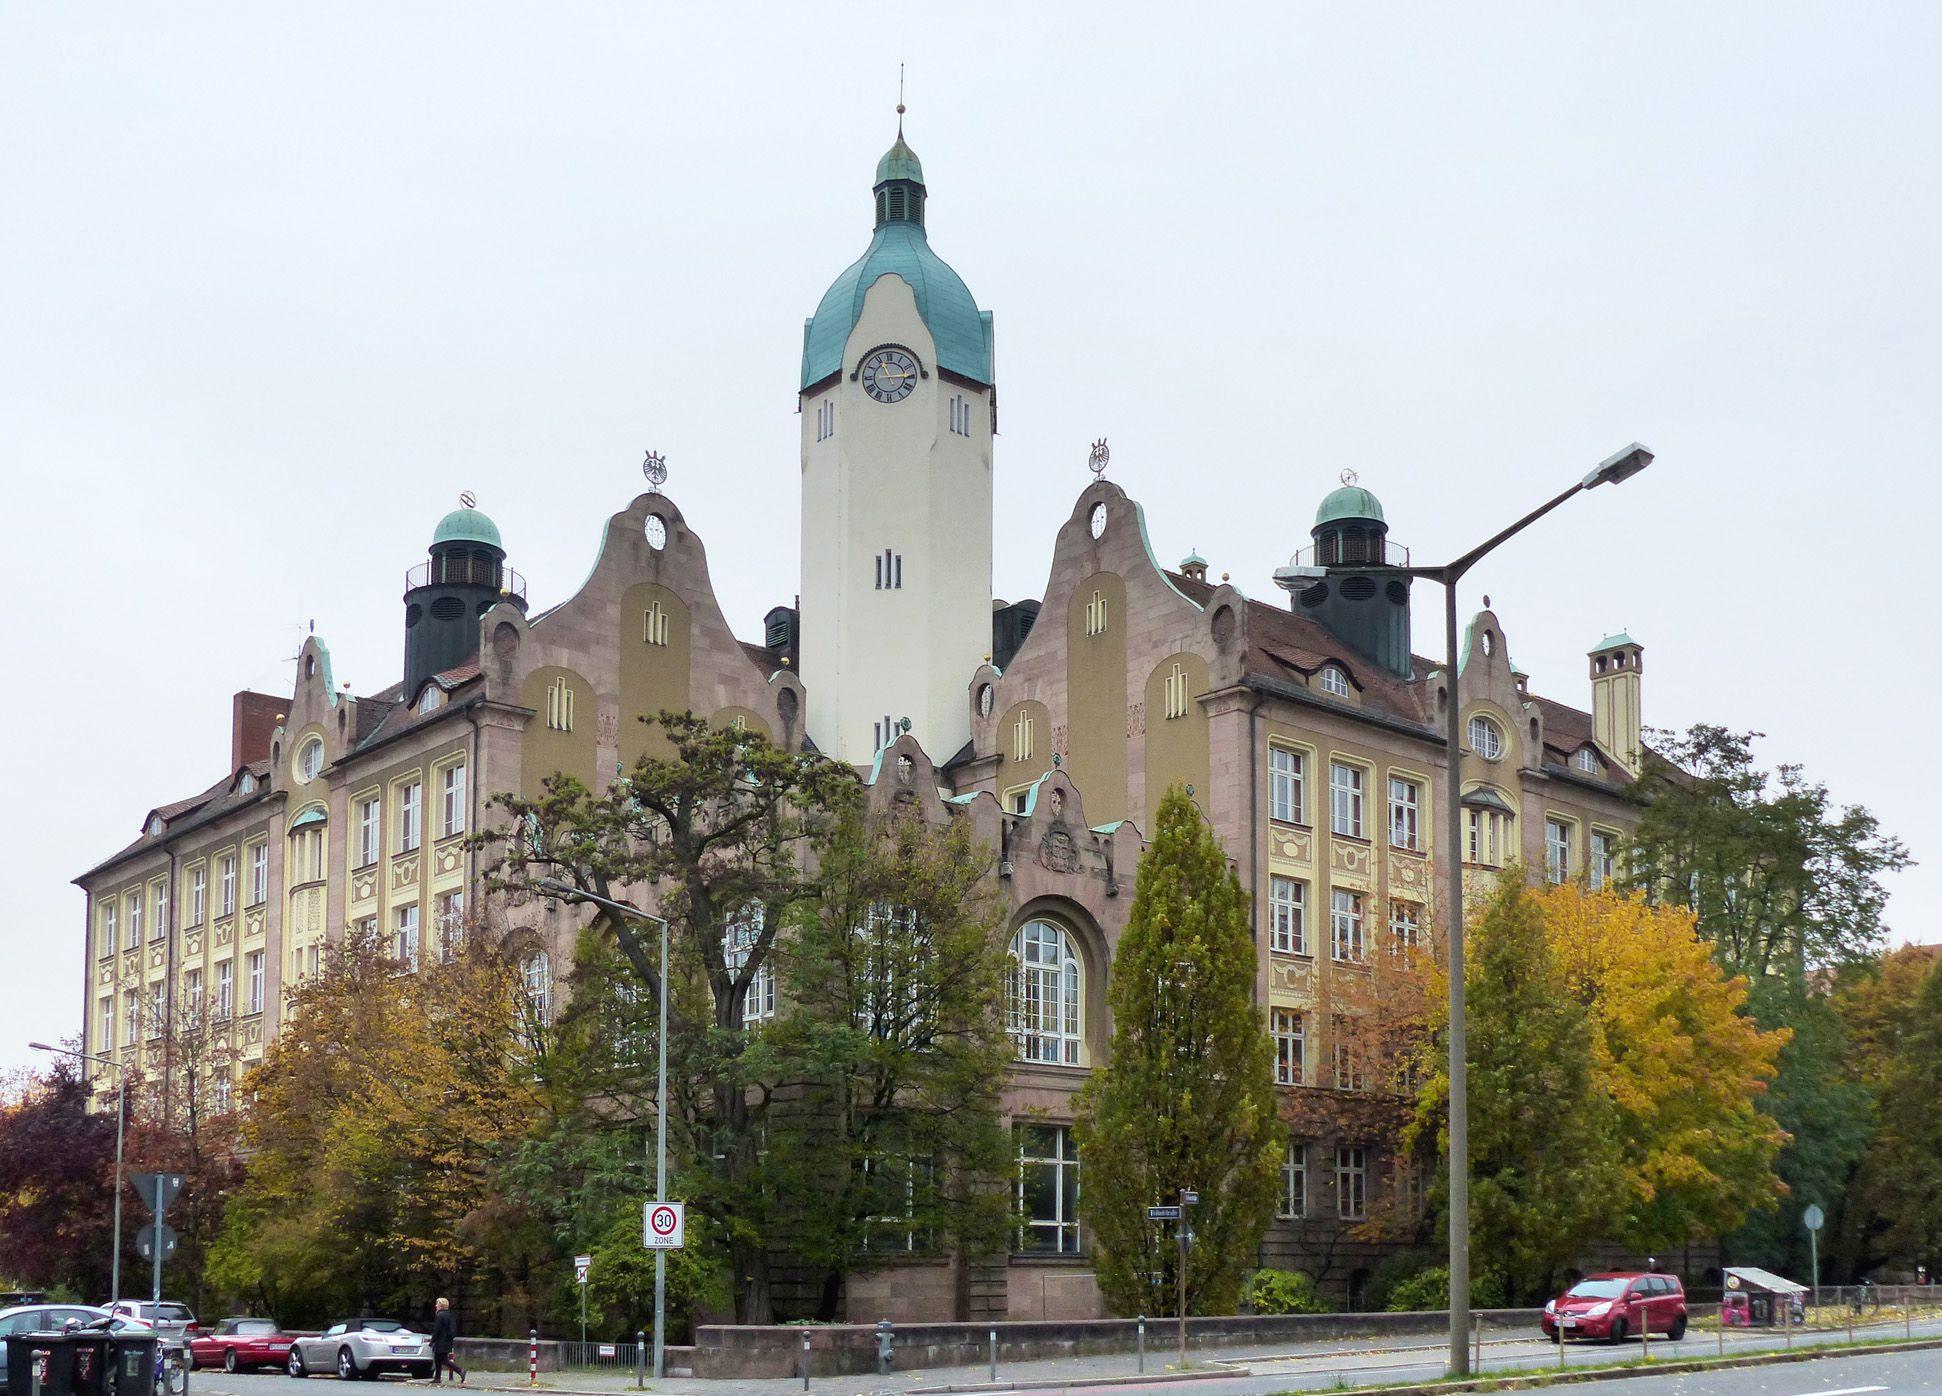 Bismarckschule Spiegelsymmetrische Gesamtansicht Fröbel-/ Ecke Welserstraße